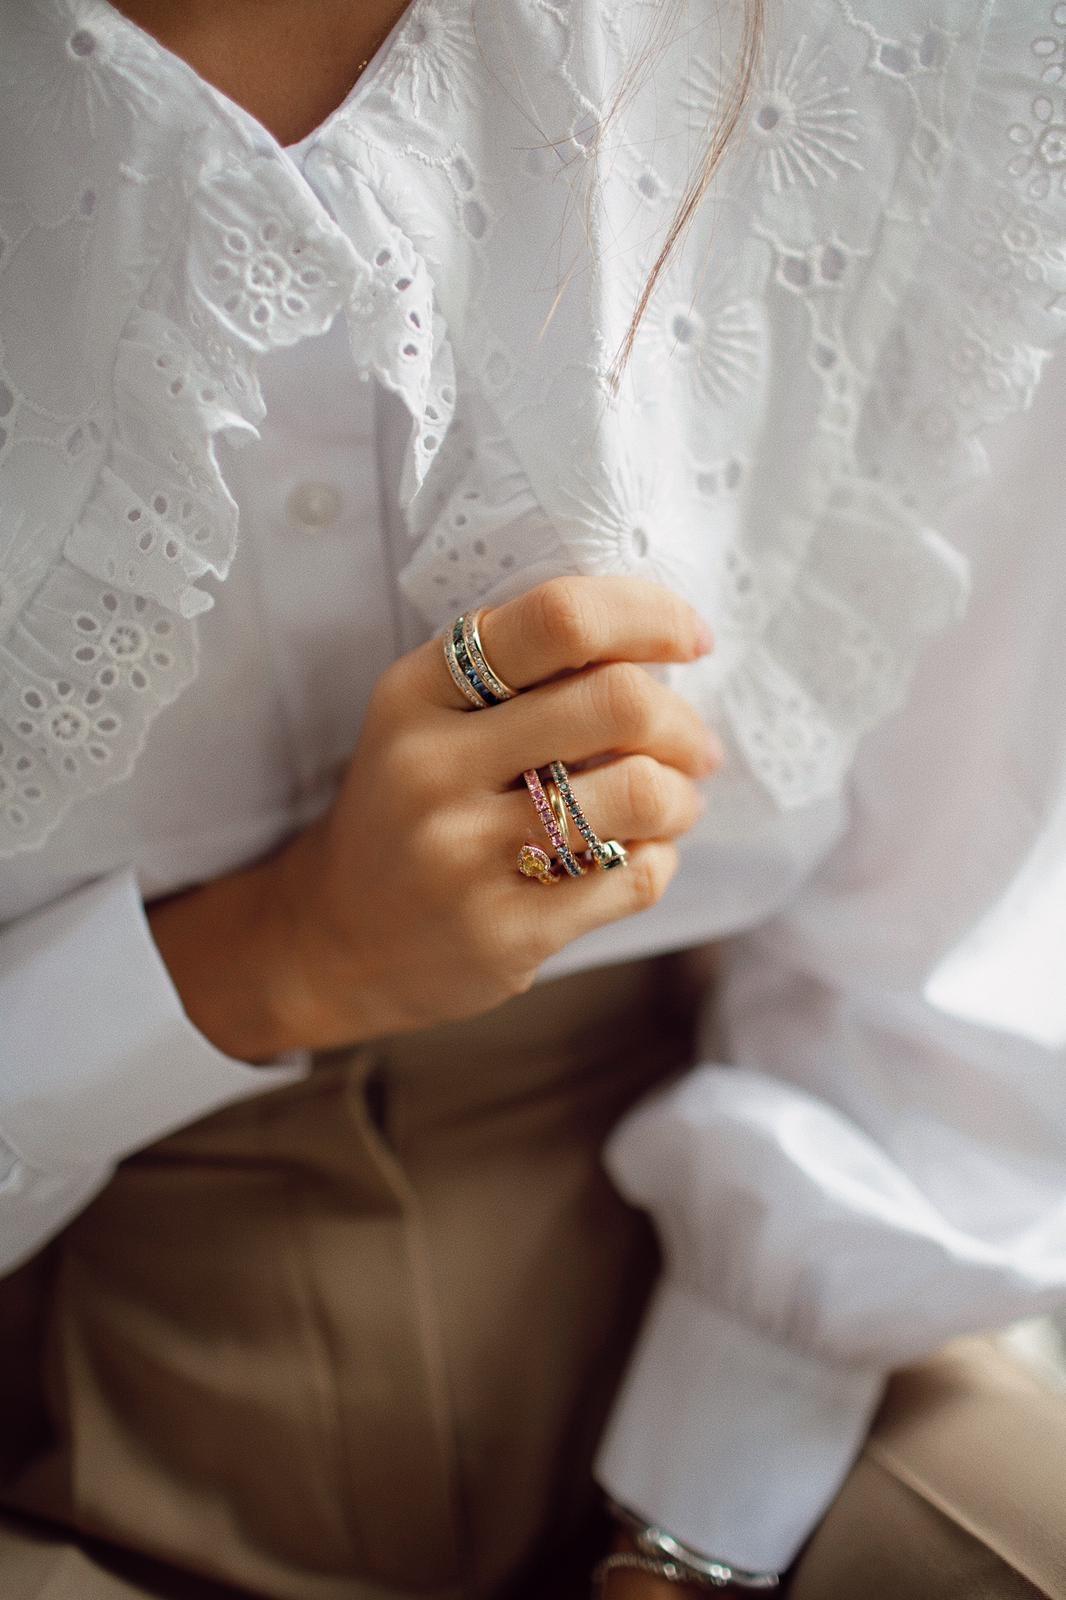 Detalle del anillo de zafiros de María Fernandez Rubies.